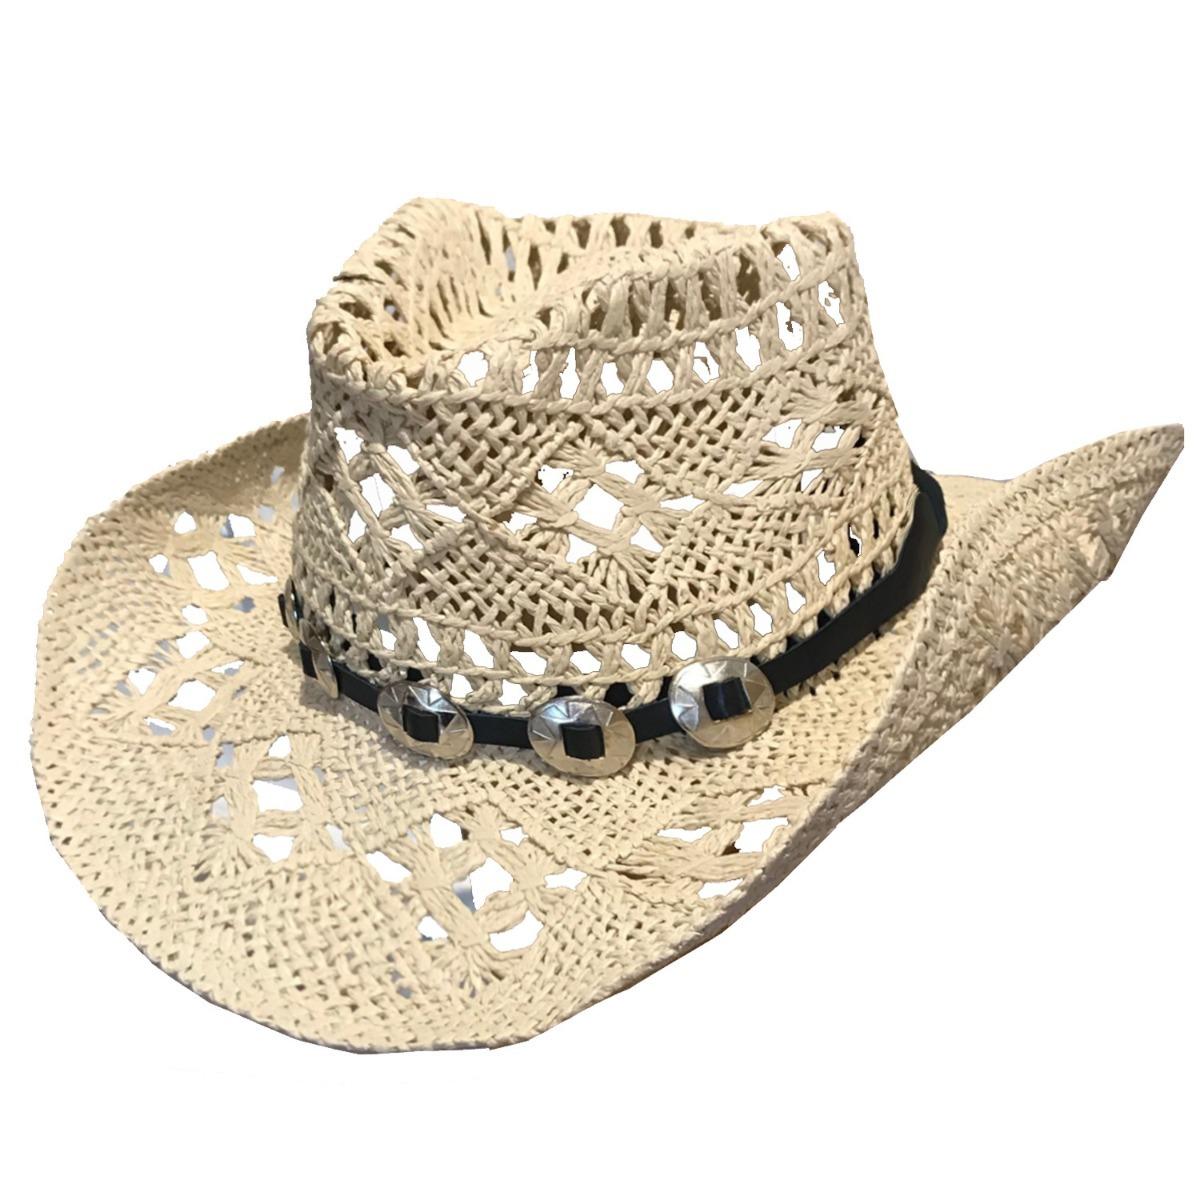 sombrero cowboy veracruz tac compañia de sombreros m863343-1. Cargando zoom. 5cfc9c6fad7